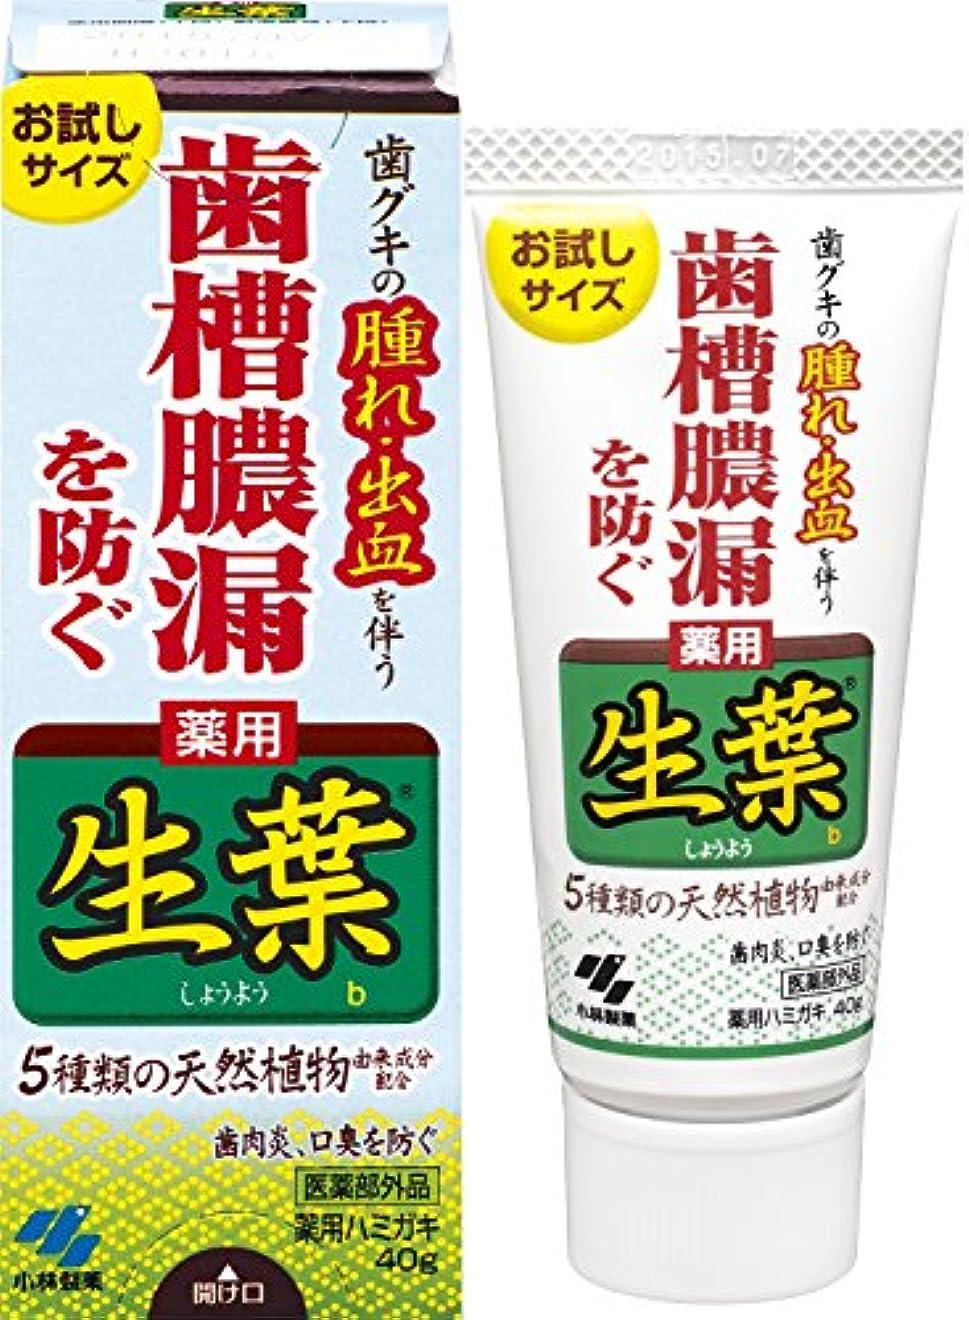 インストラクター血まみれの部分的に生葉(しょうよう)お試しサイズ 歯槽膿漏を防ぐ 薬用ハミガキ ハーブミント味 40g 【医薬部外品】